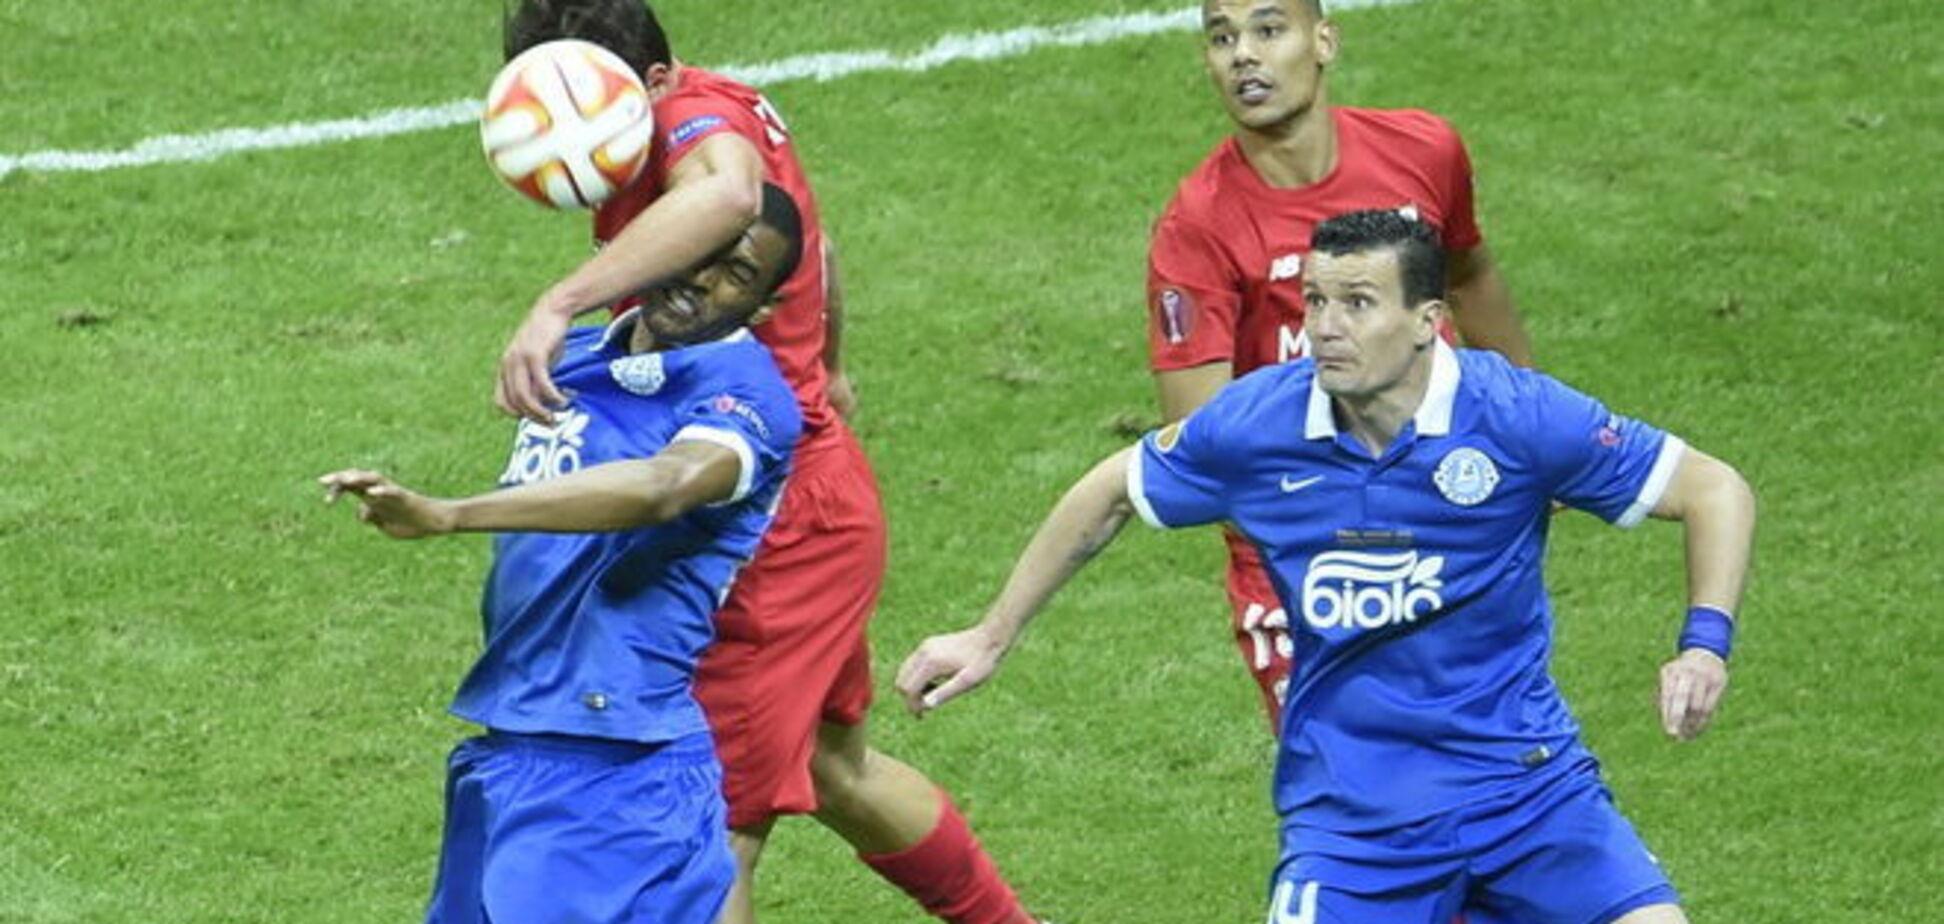 Федецкий объяснил поражение 'Днепра' в финале Лиги Европы